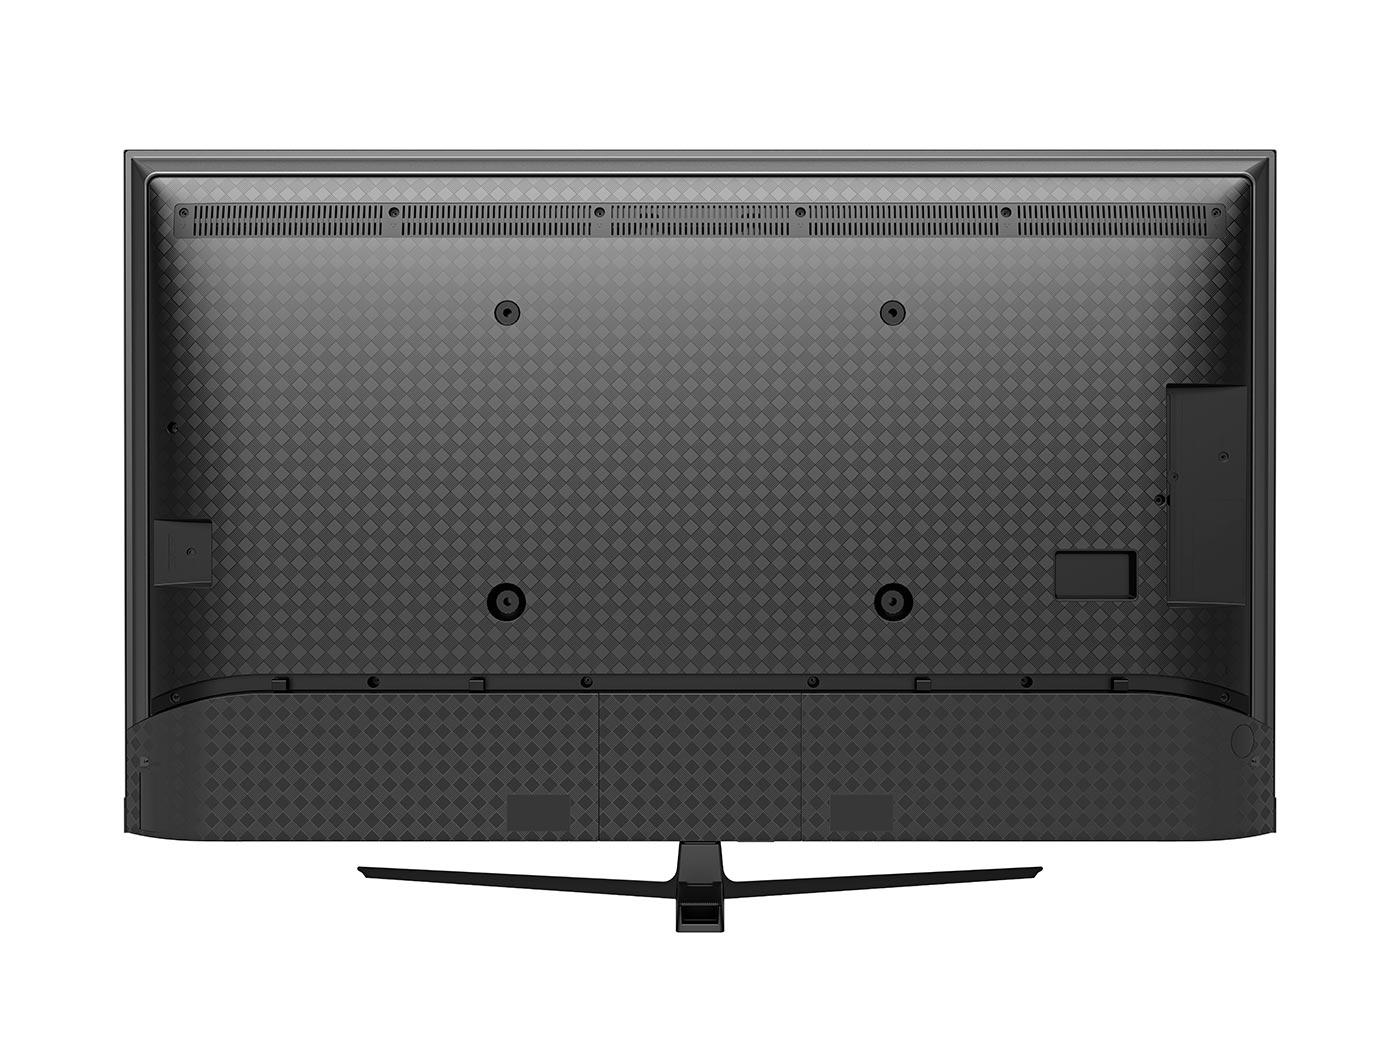 ULED TV ULED TV 65U8QF 65″